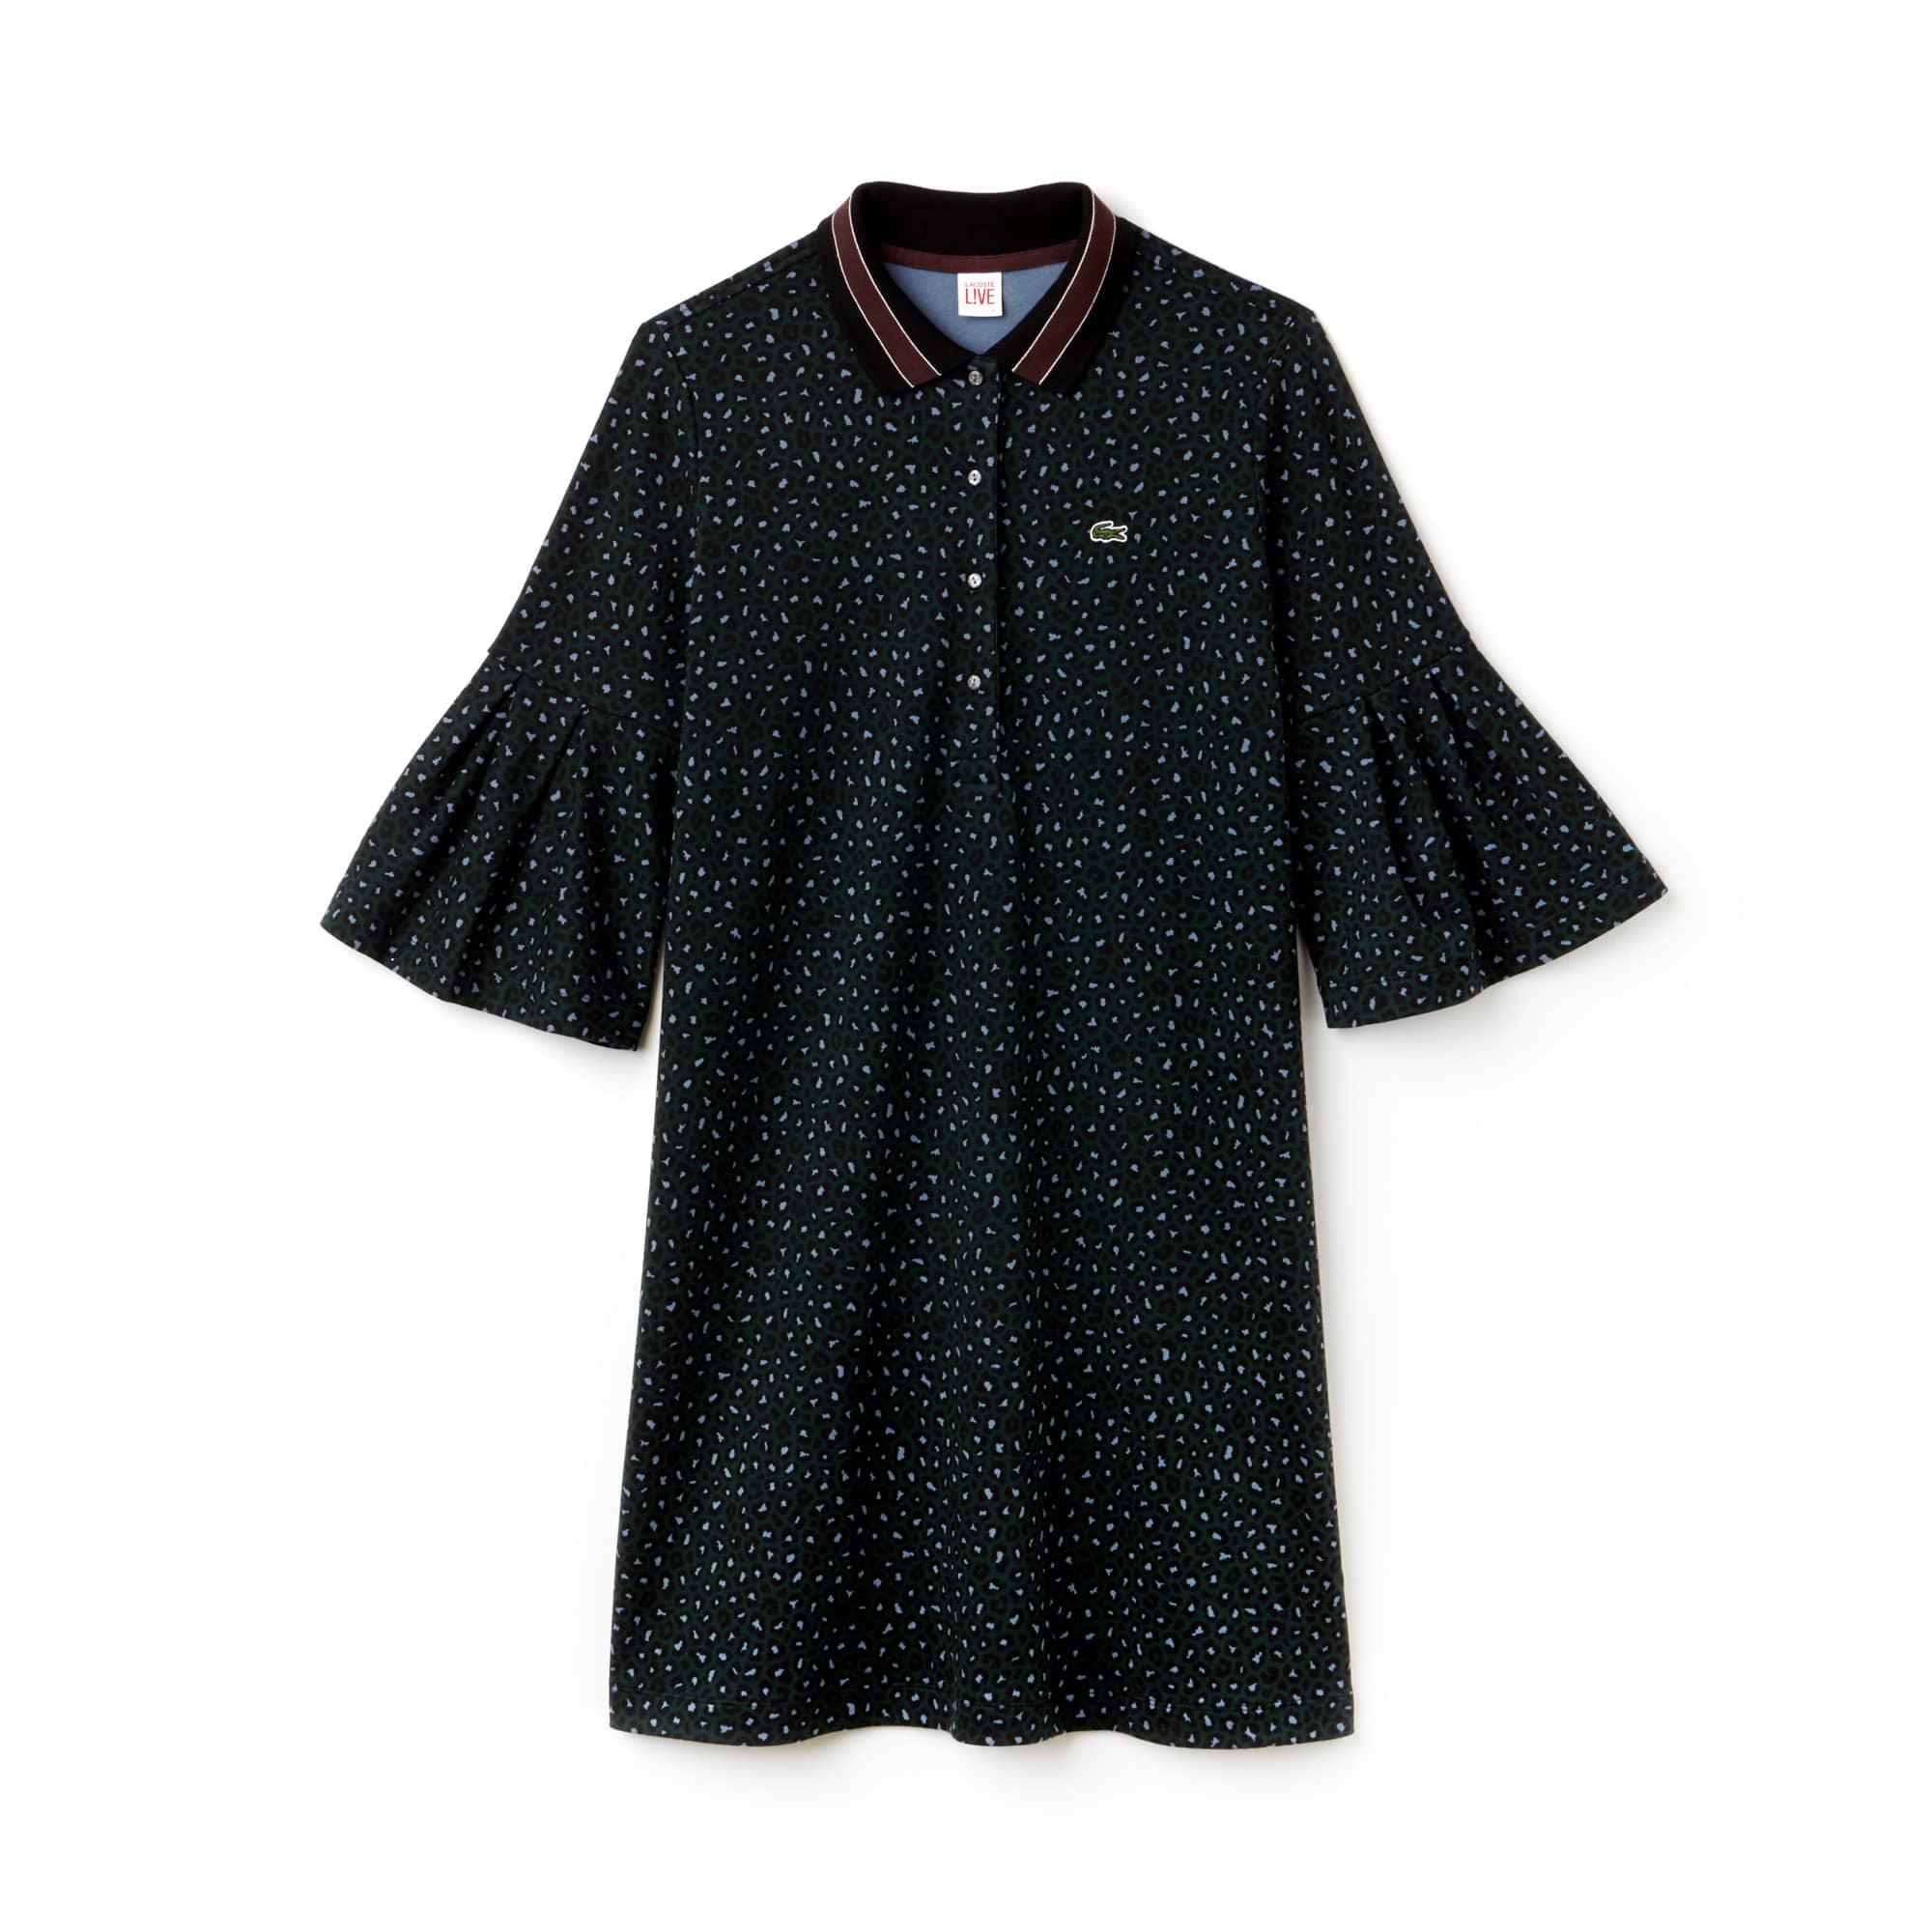 Vestido polo Lacoste LIVE em interlock com impressão leopardo